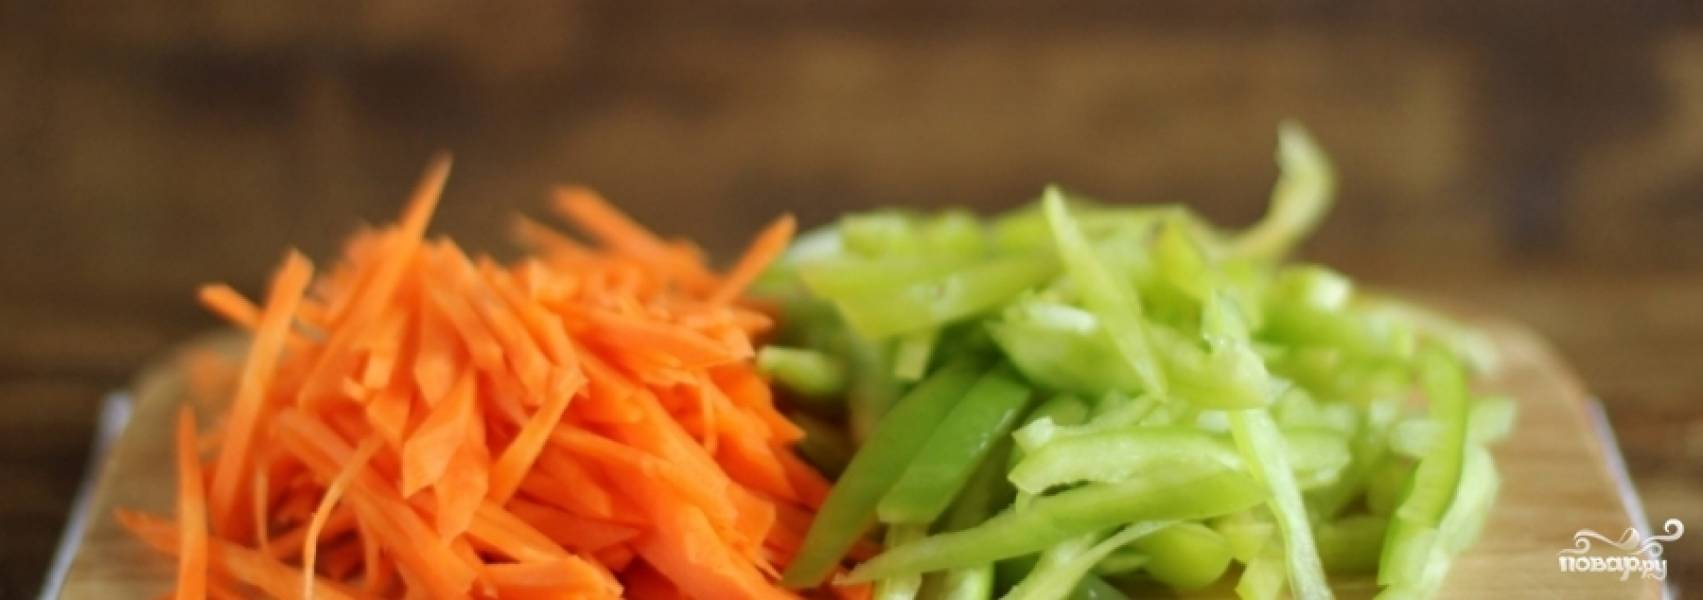 Морковь и паприку чистим, нарезаем соломкой, добавляем к луку обжариваться. Все вместе обжариваем.